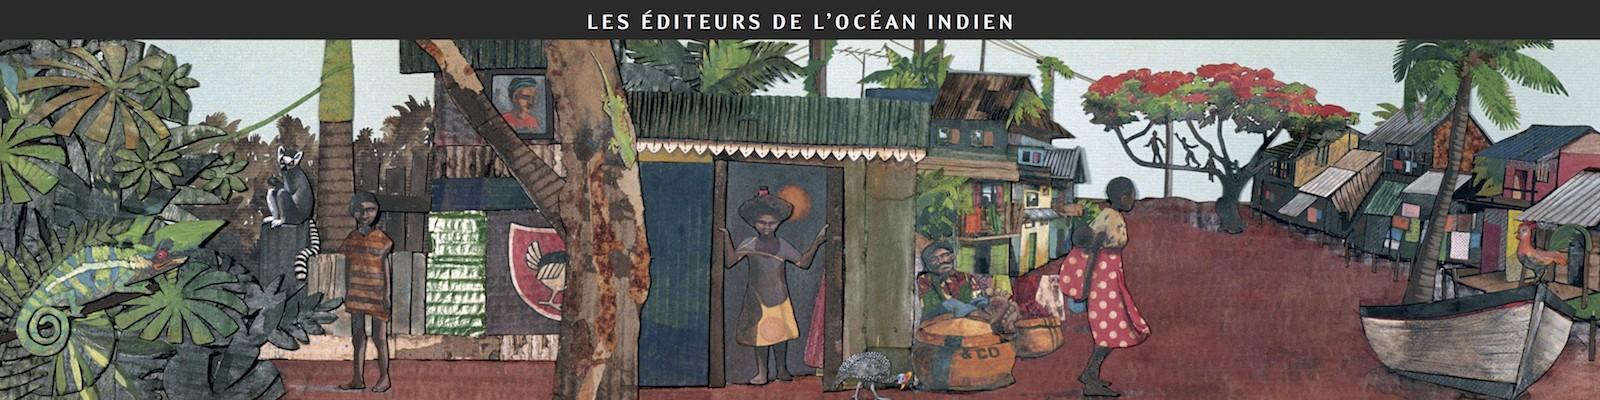 Les éditeurs de l'océan Indien à Étonnants voyageurs - Festival international du livre et du film 2011 - Dessin d'Aurélie Moynot